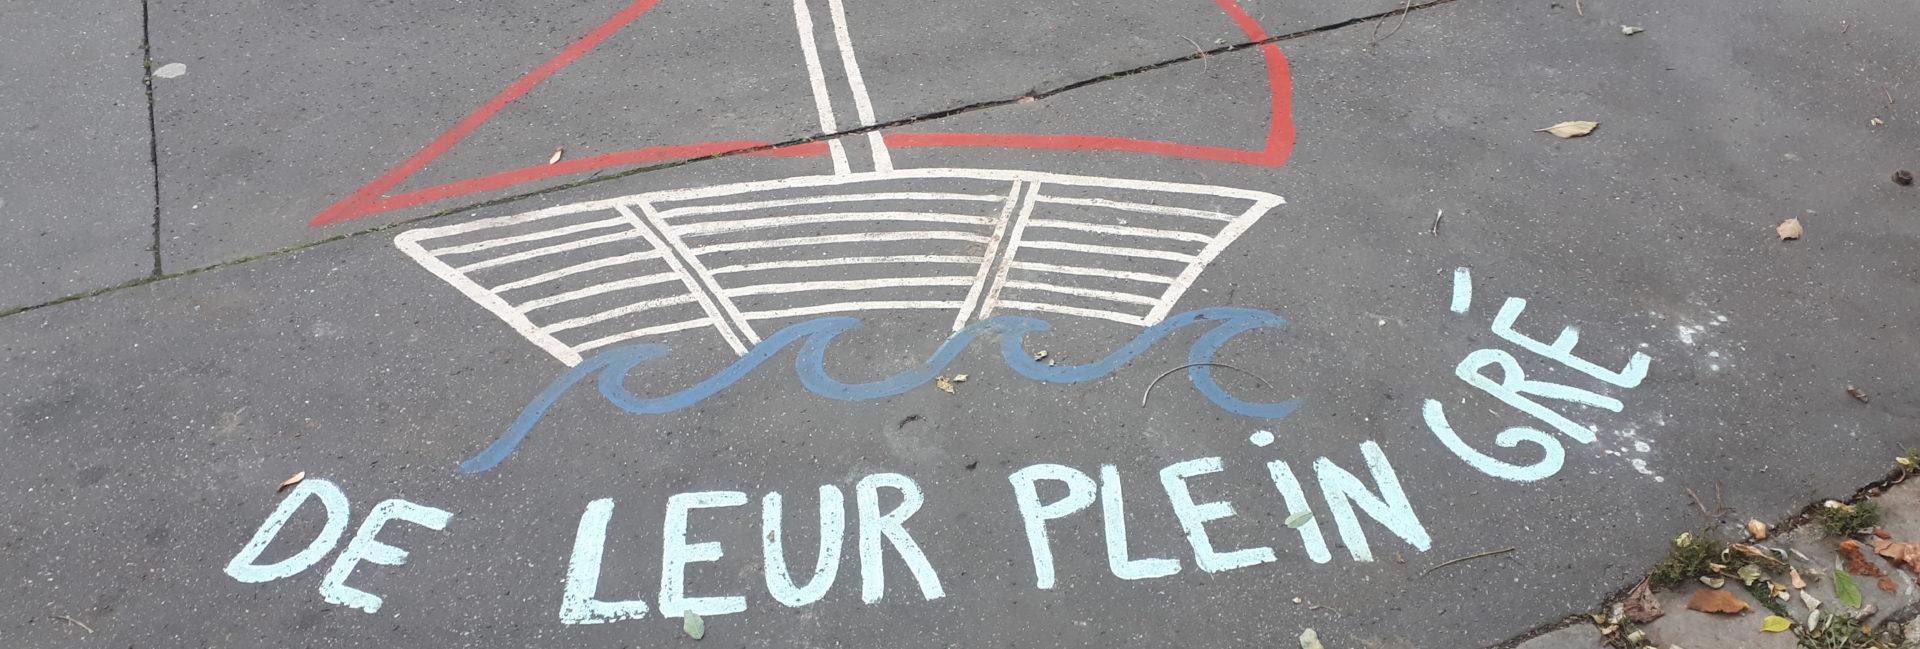 Lors d un de mes rares passage sur Paris, je tombe sur ce dessin sur un trottoir. Malheureusement, Pierre Perret est plus que jamais d actualité ! <br>Mark Bernie - Sur les trottoirs de Paris - c Mark Bernie